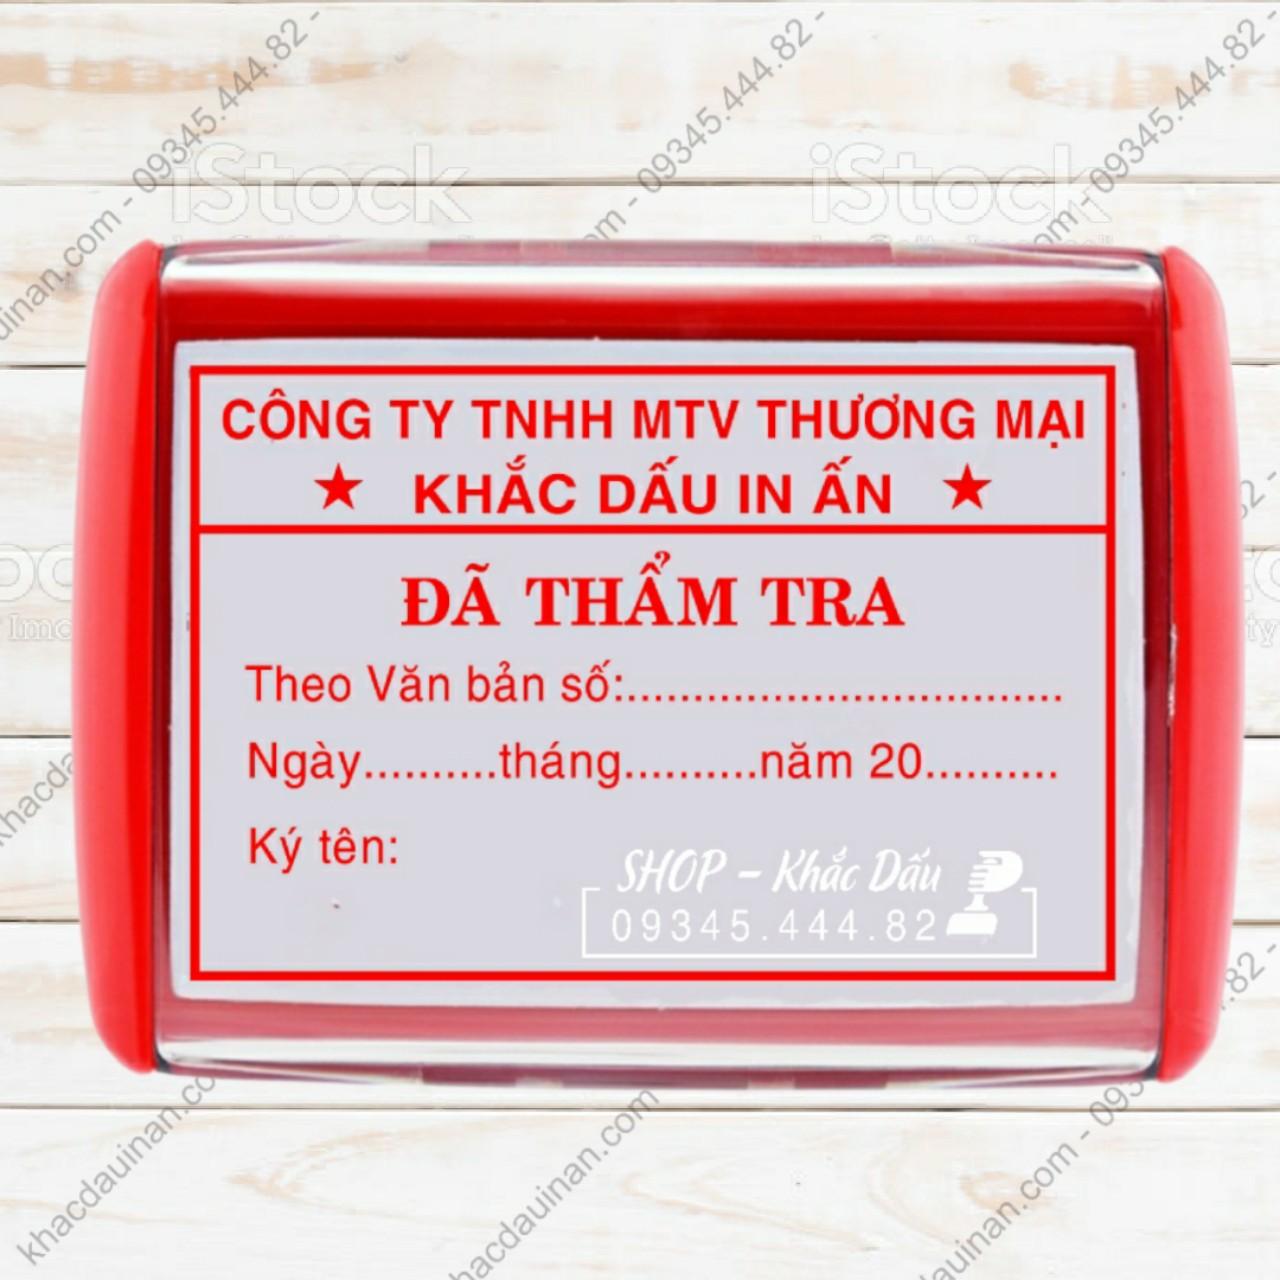 khắc con dấu đã thẩm tra giá rẻ lấy liền giao hàng tận nơi tại tphcm, hà nội